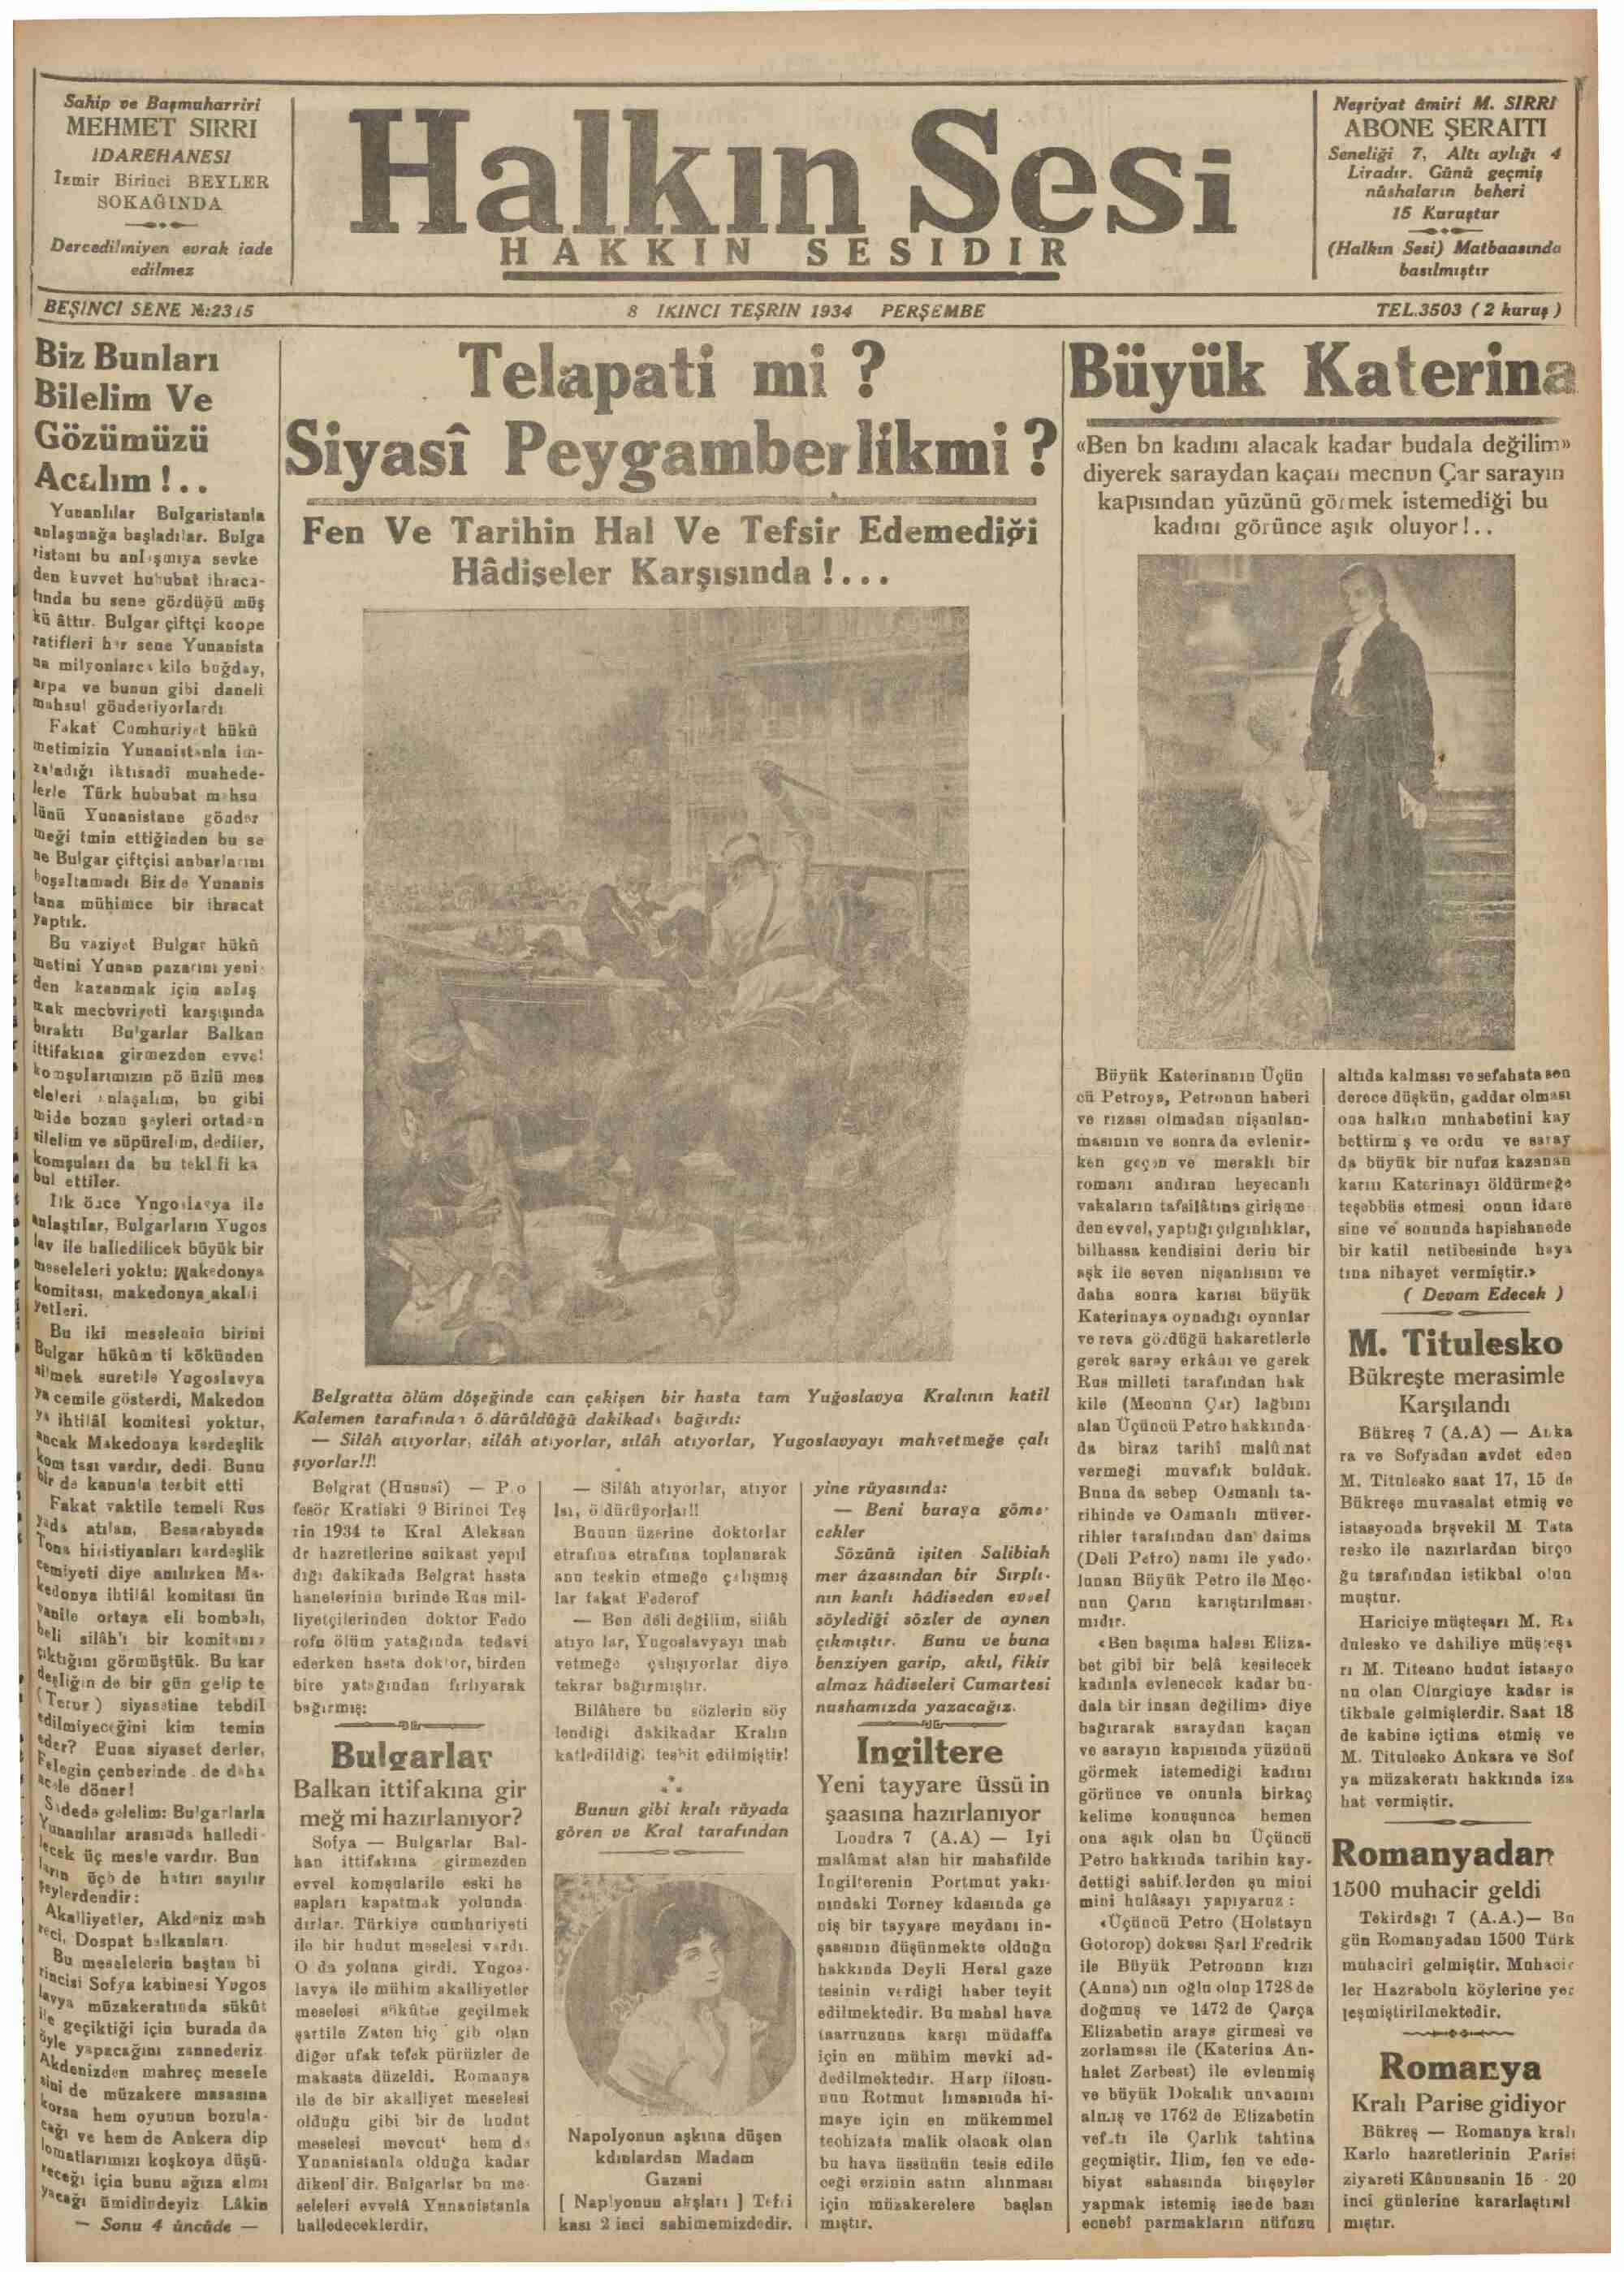 8 Kasım 1934 Tarihli Halkın Sesi Dergisi Sayfa 1